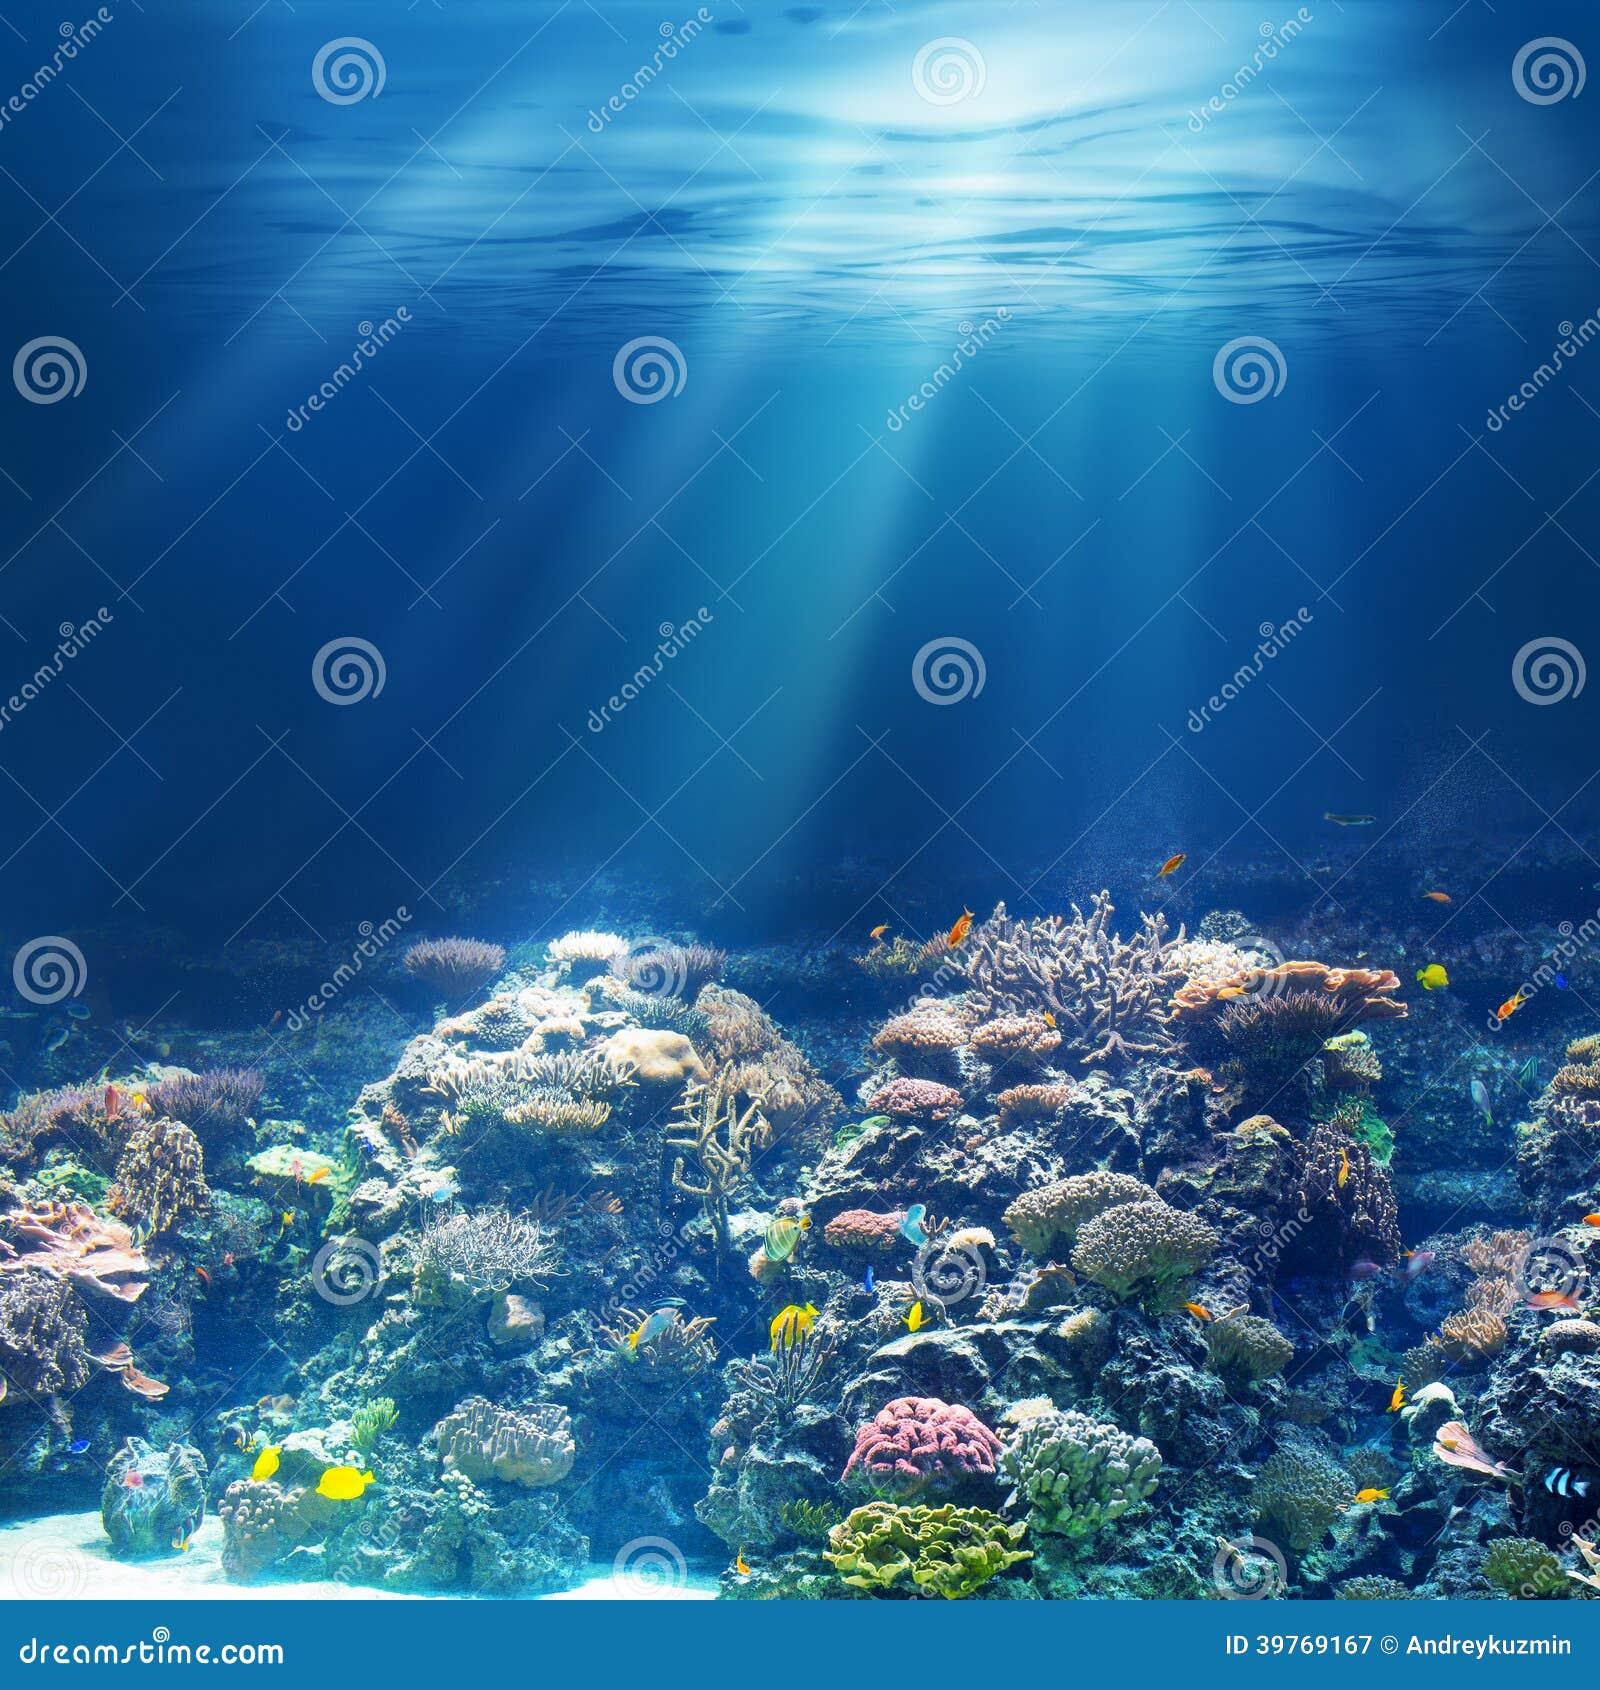 Sea or ocean underwater coral reef snorkeling or diving